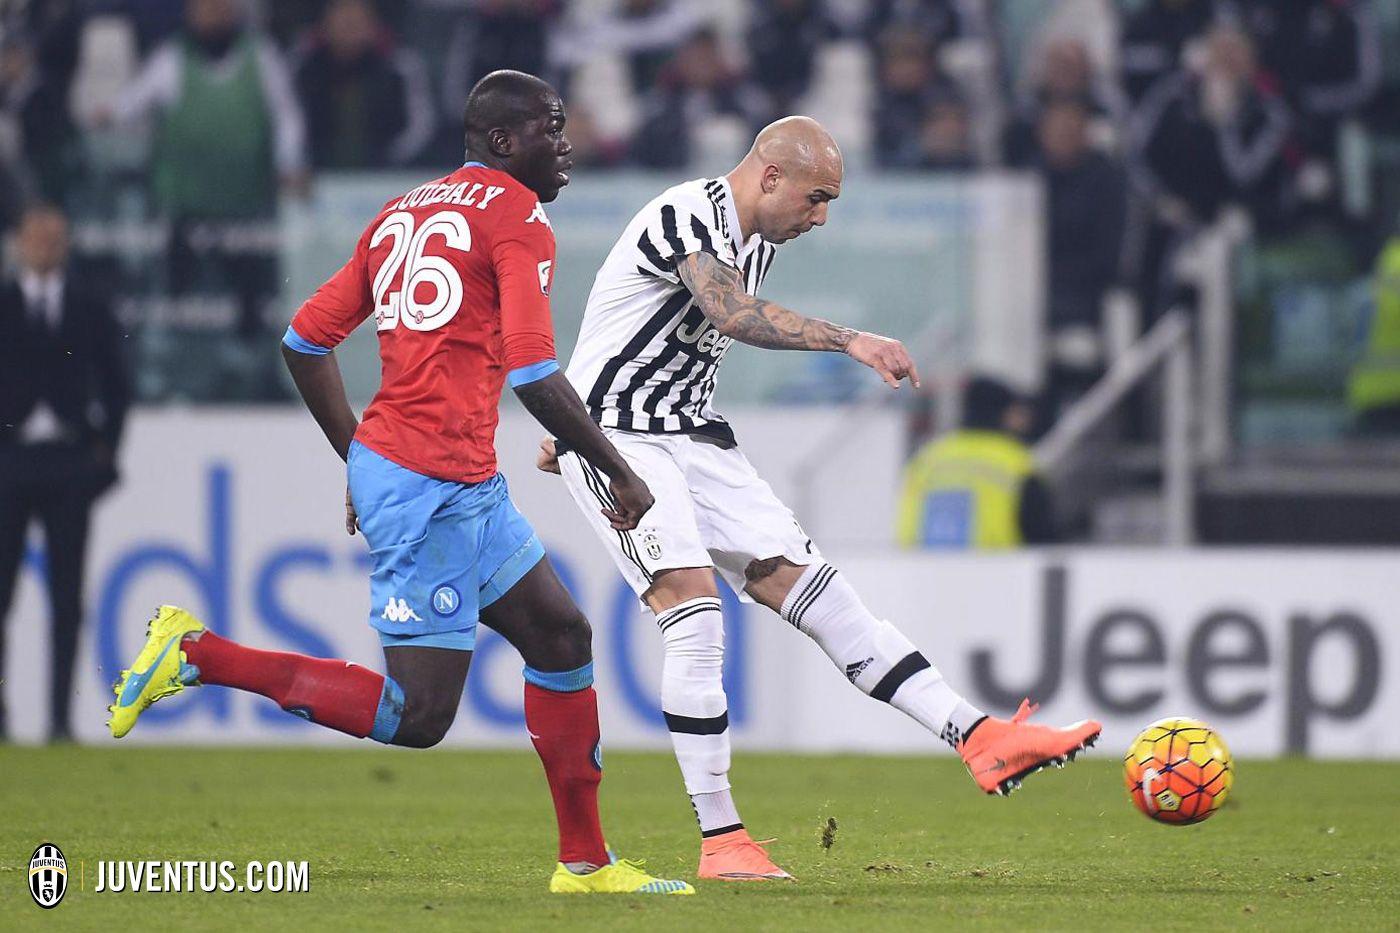 Juventus 1 - Napoli 0 Il gol di Zaza